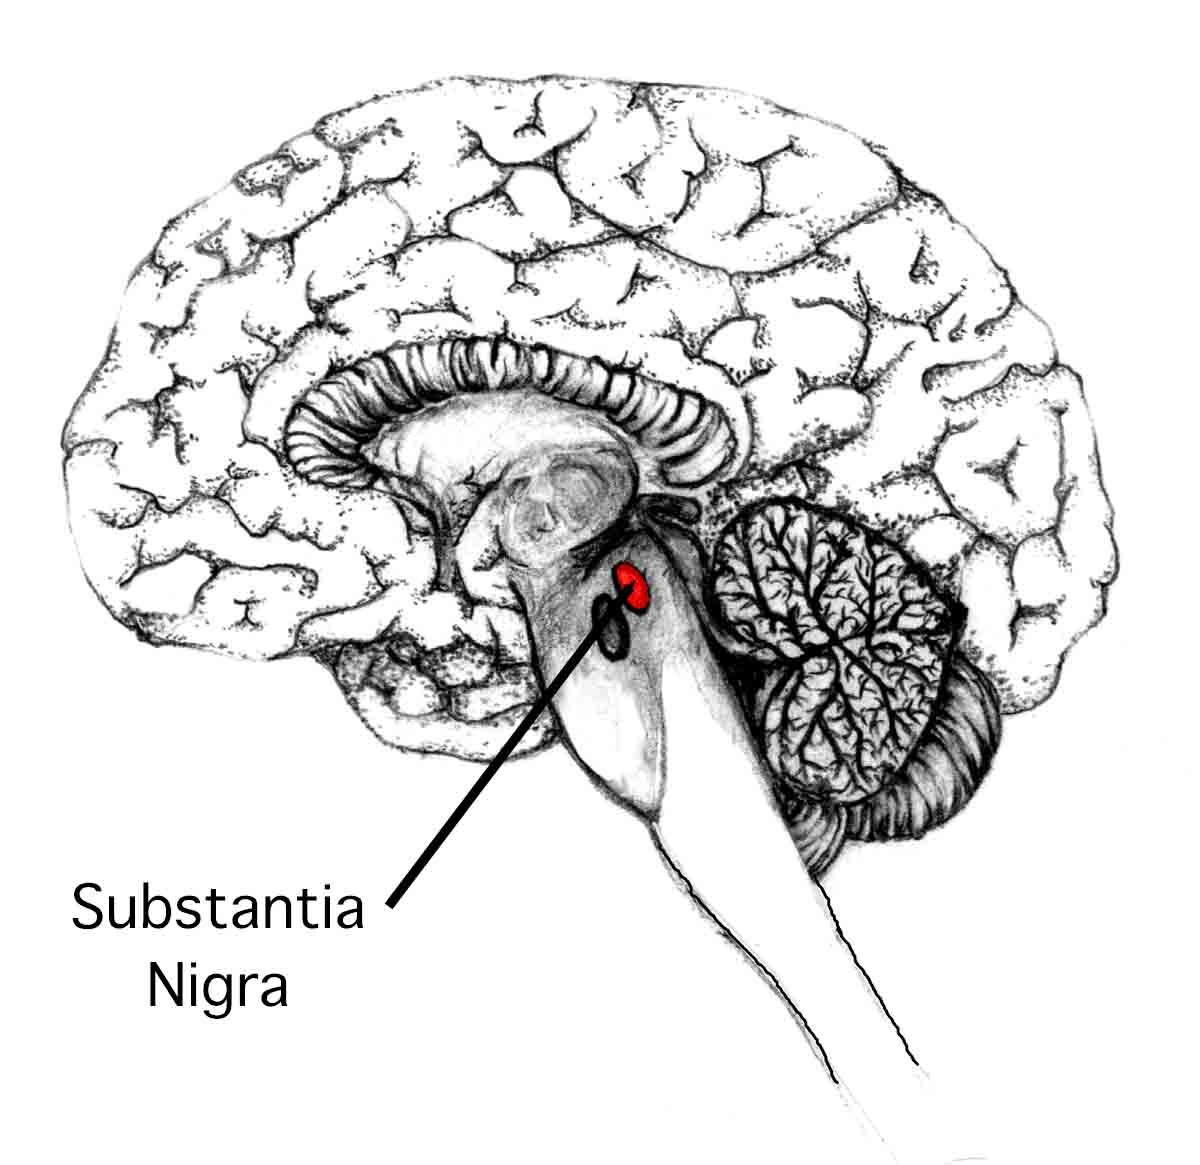 """Nejen astronomové, i patologové mají svou """"temnou hmotu"""" - substantia nigra.  Právě tam se nemocným Parkinsonovou nemocí v neuronech začnou objevovat hnědě zbarvená Lewyho tělíska."""